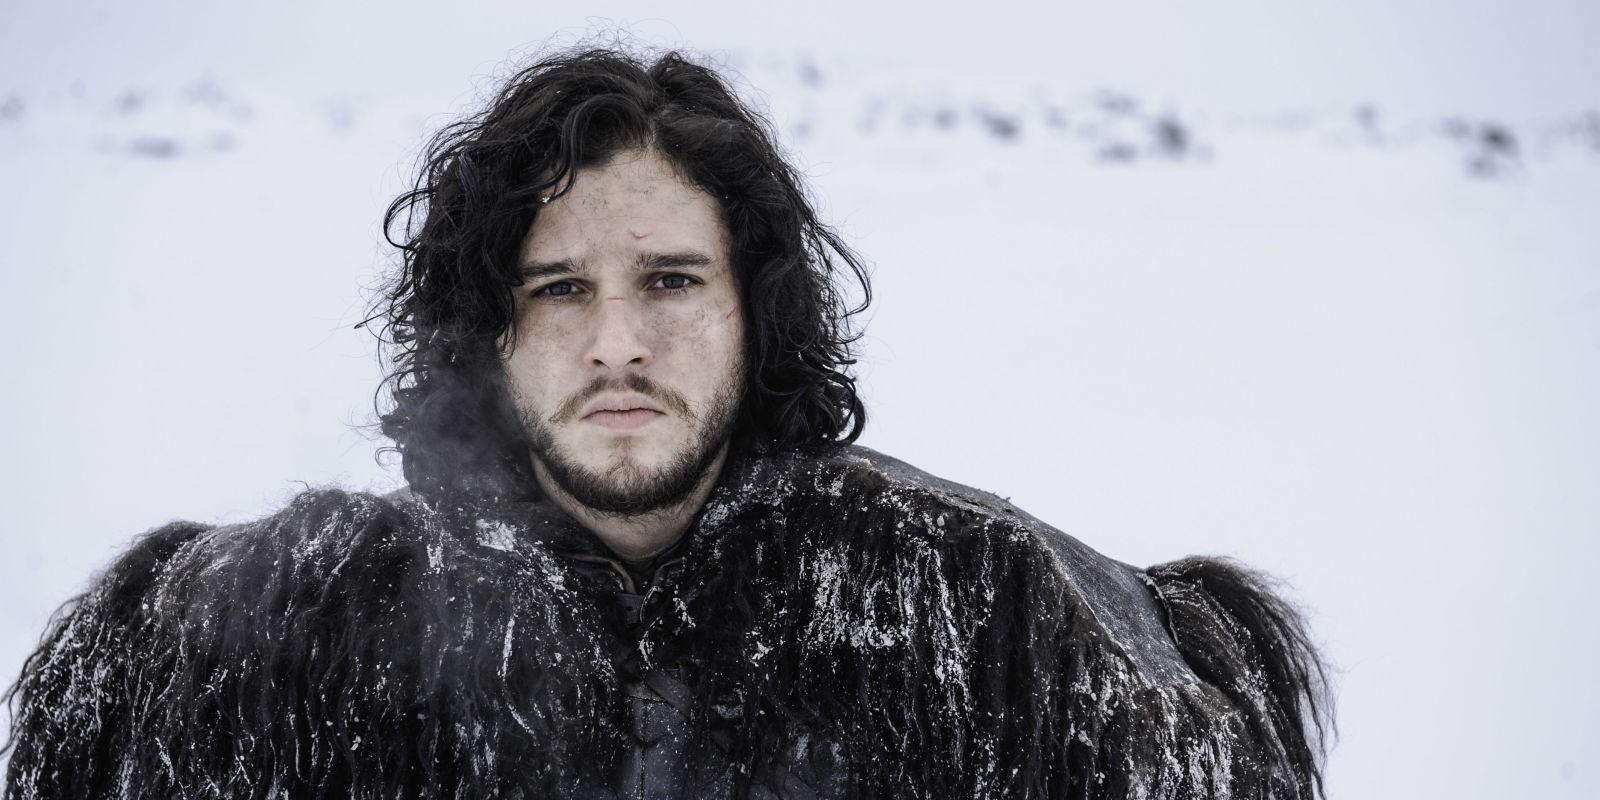 Último episódio de 'Game of Thrones' pode ir ao ar somente em 2019 (Foto: Divulgação )